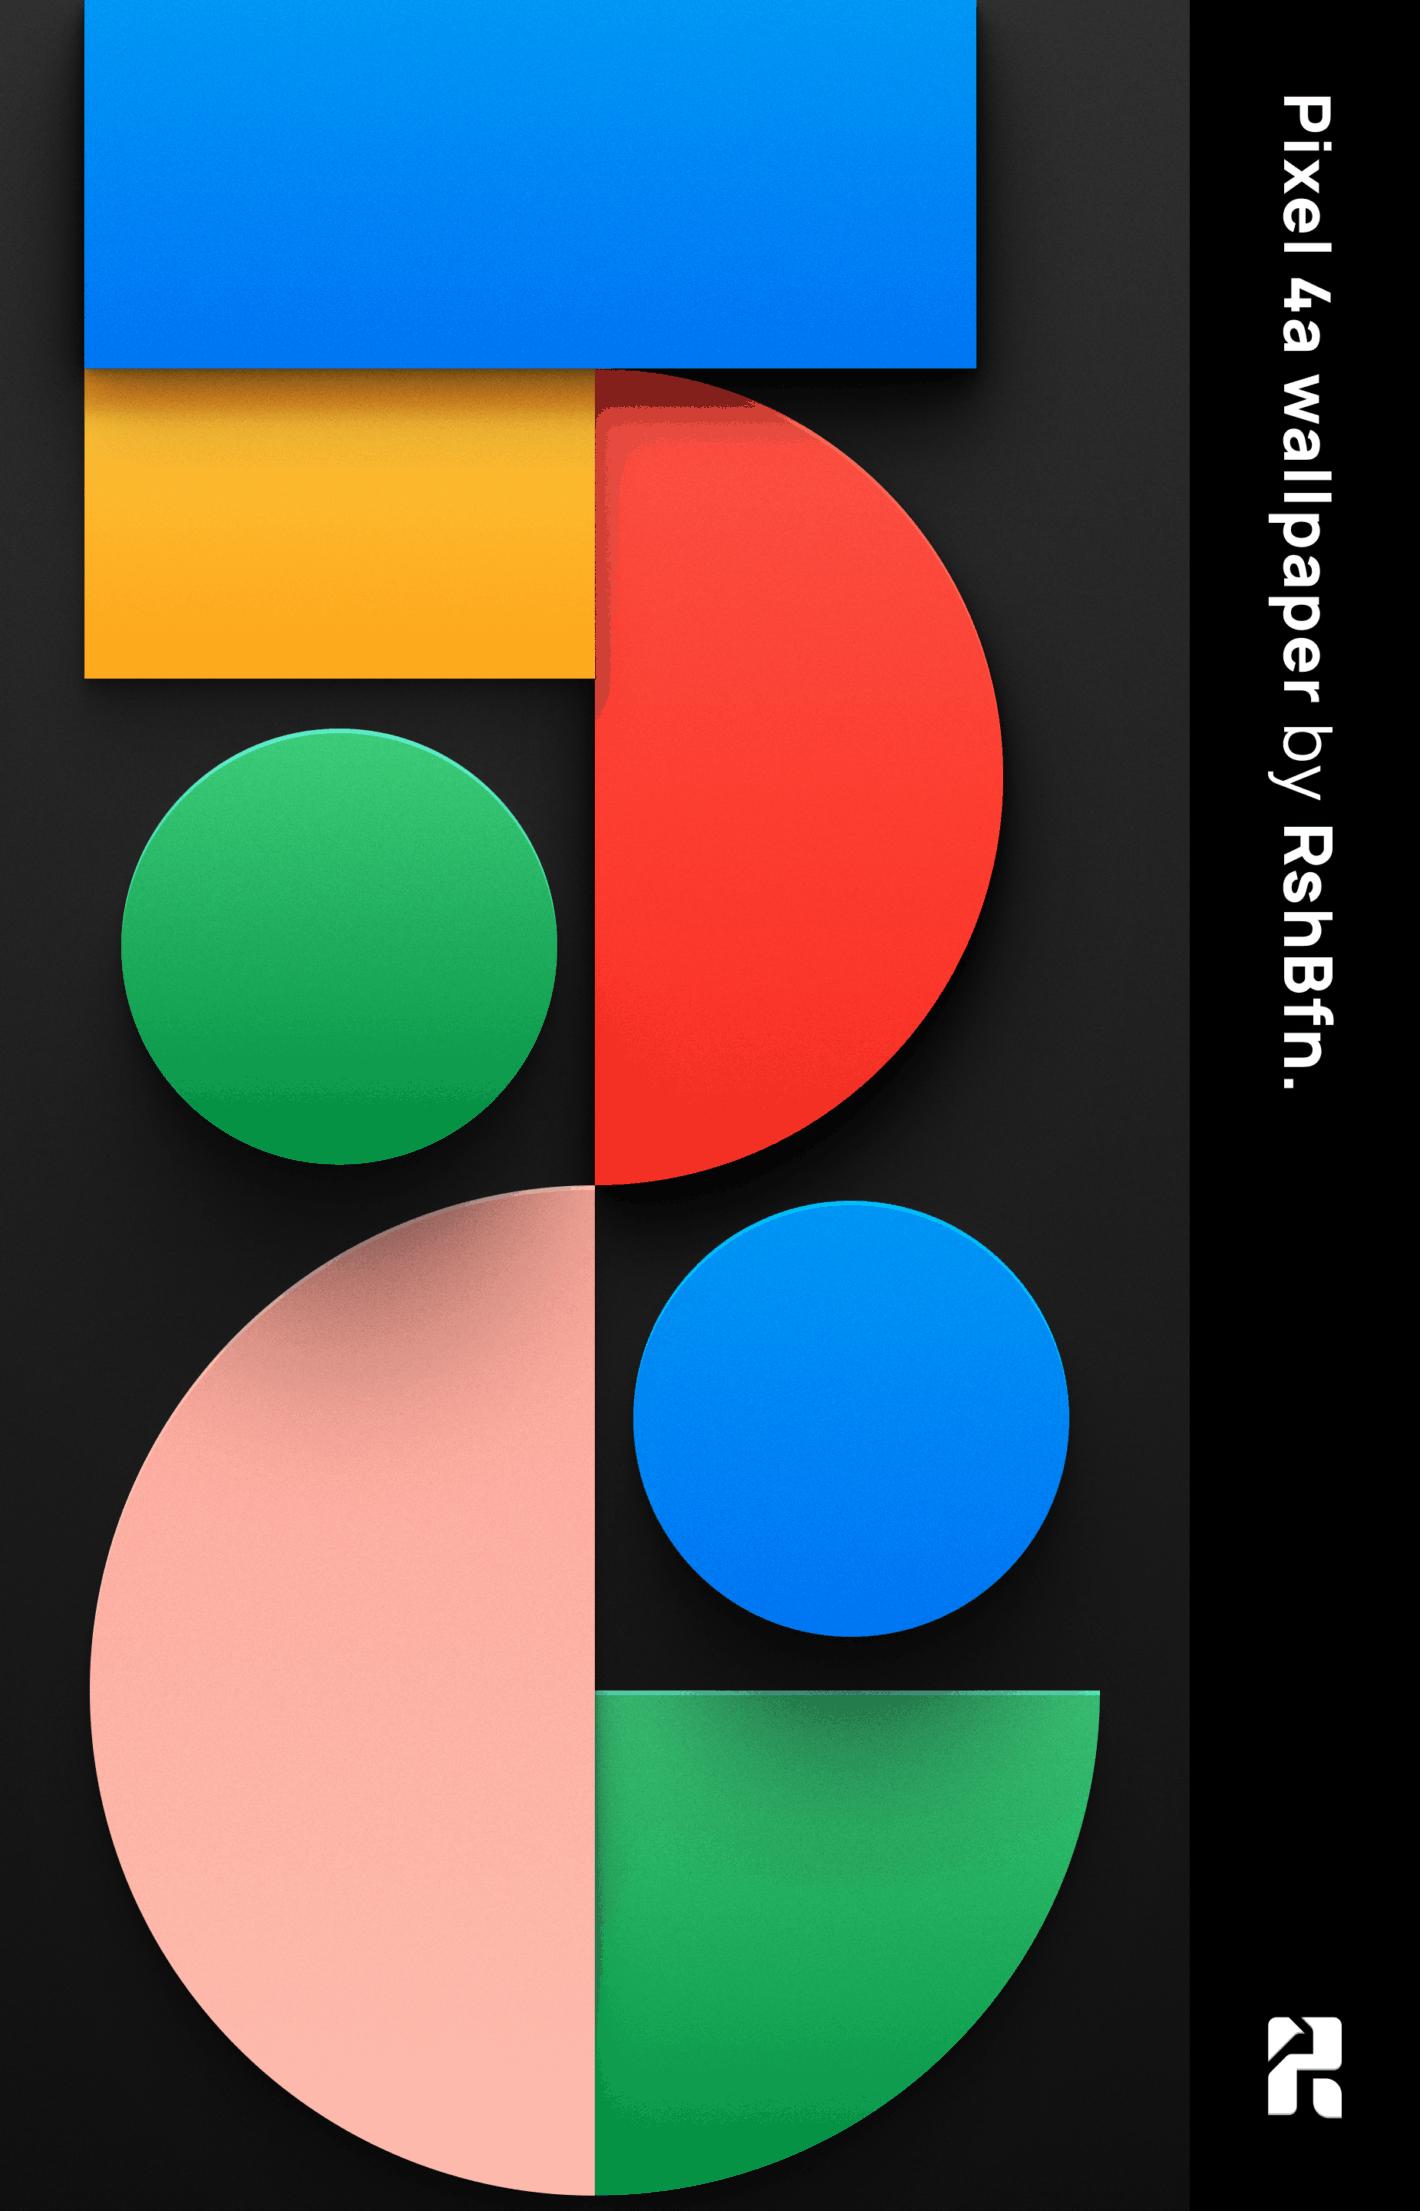 pixel 4a wallpaper RshBfn